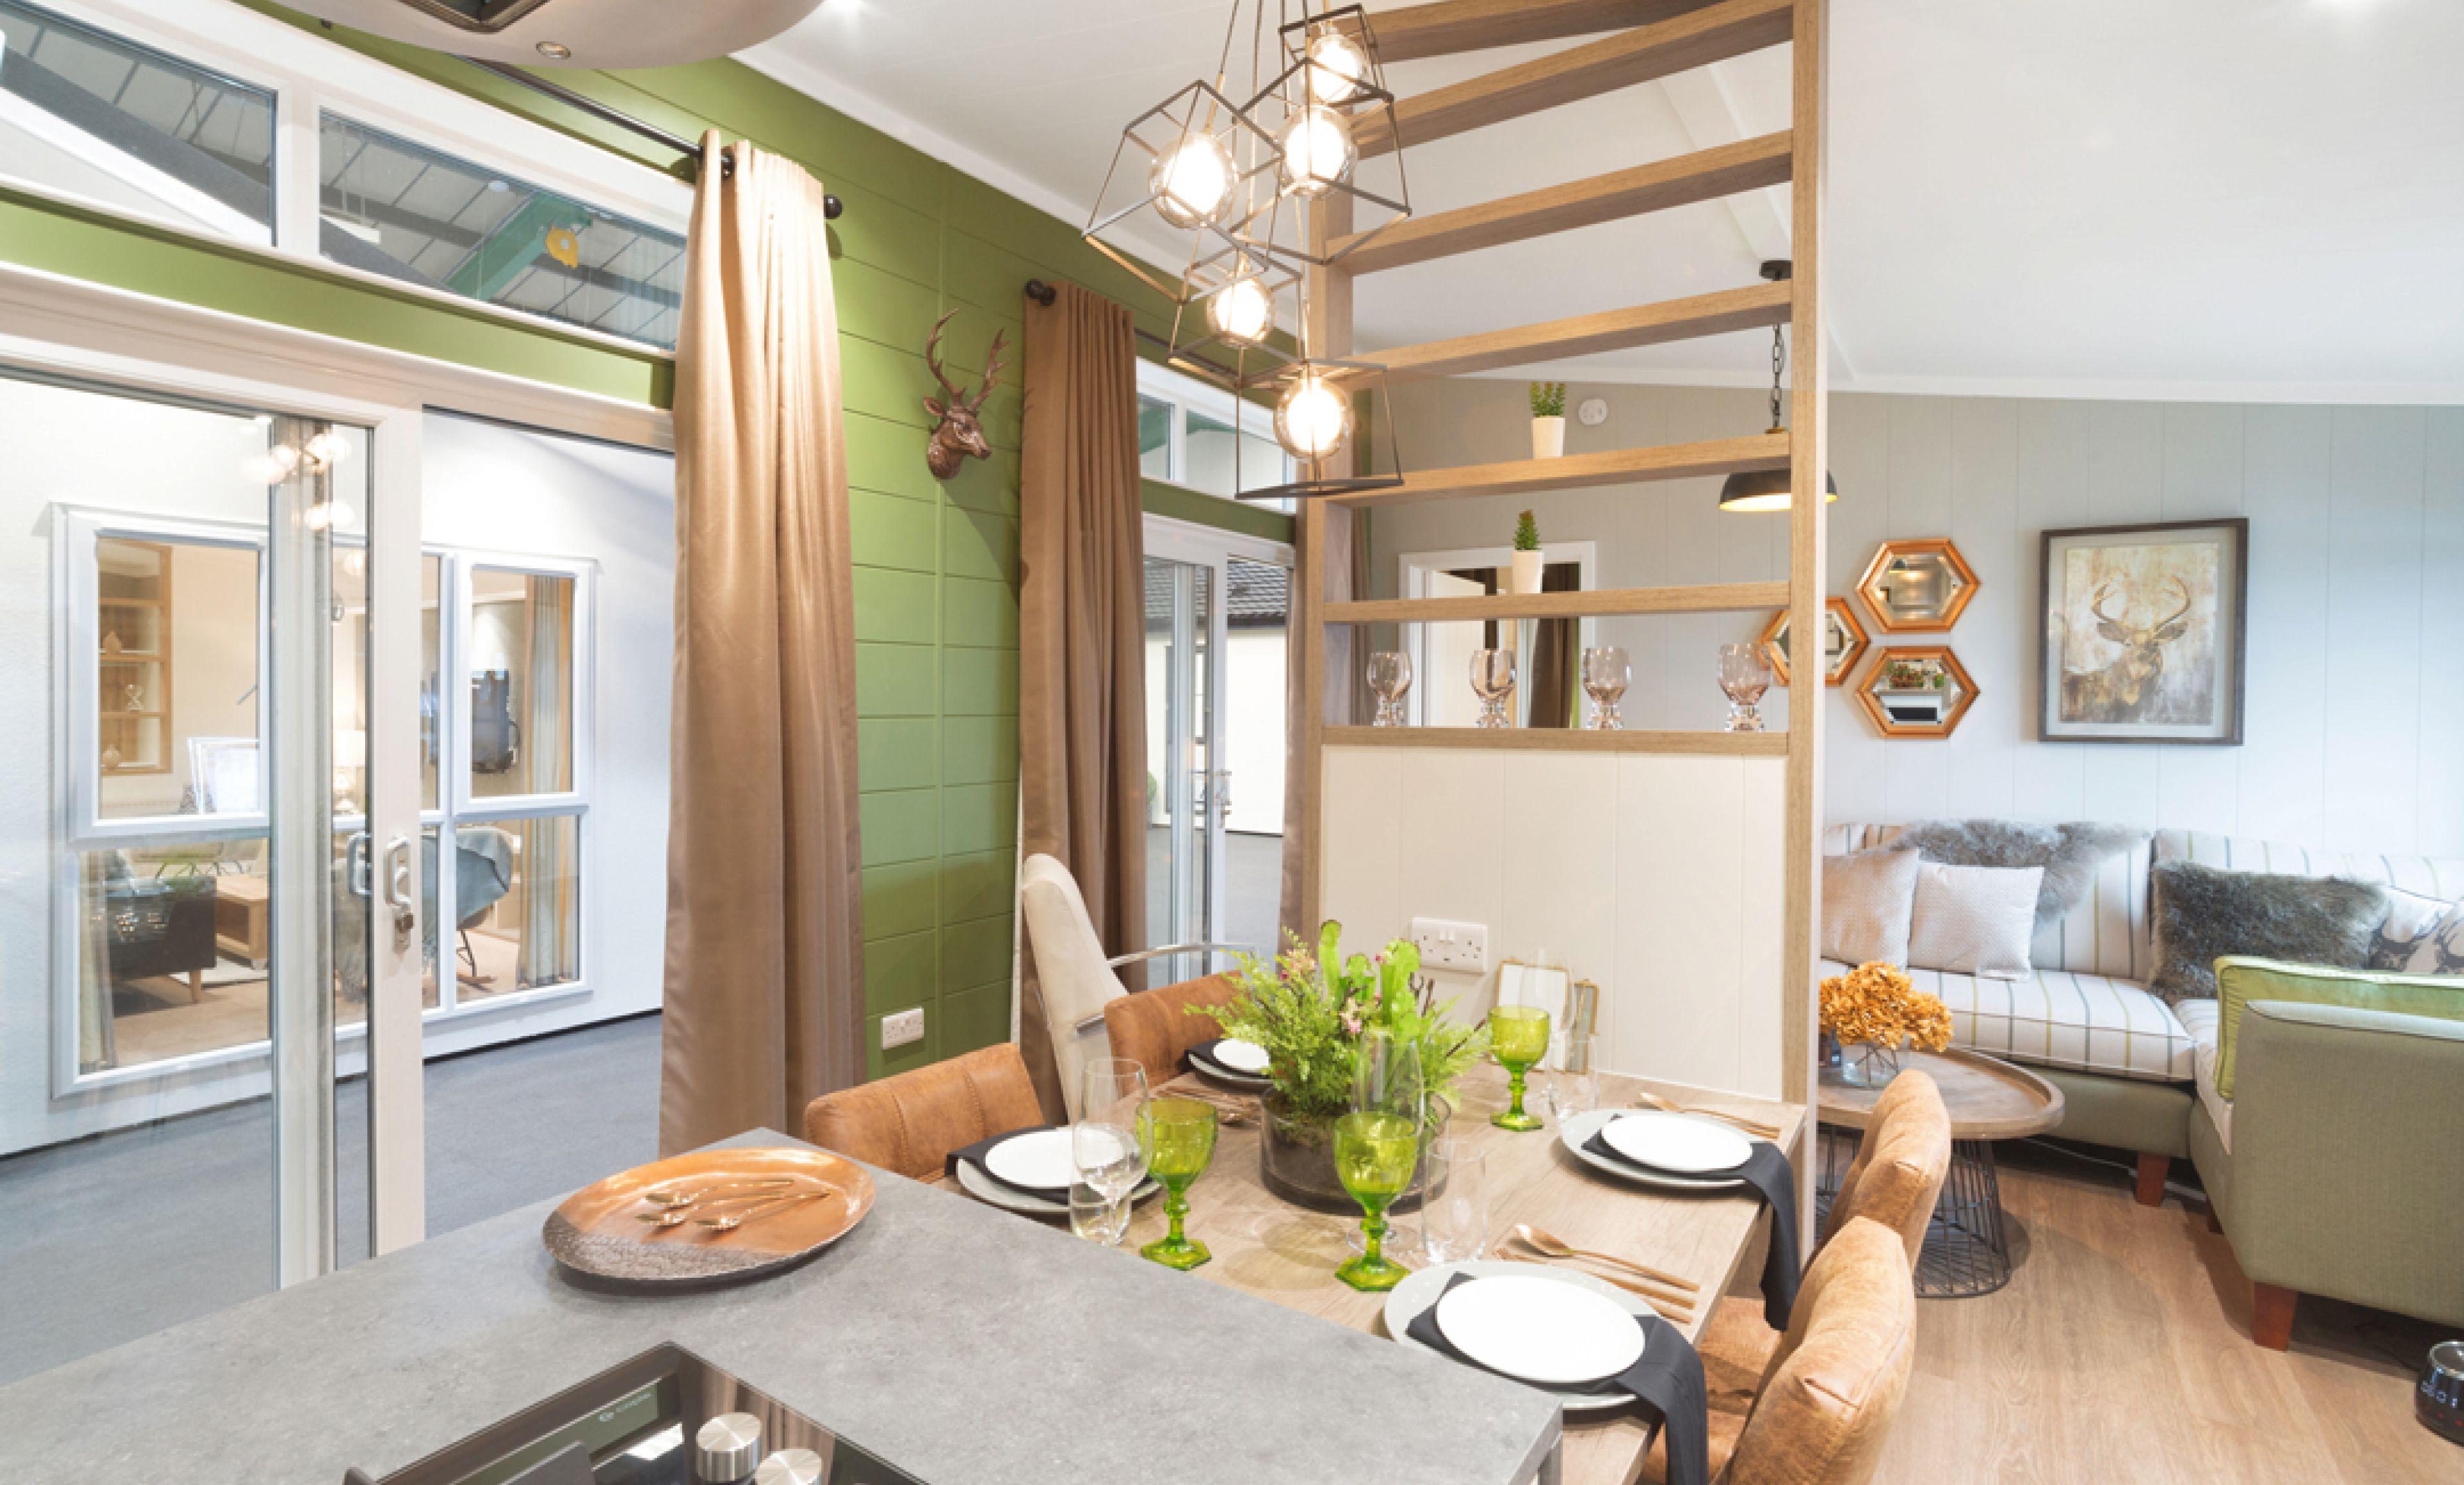 The Savannah Centre Lounge - Centre Lounge - Kitchen